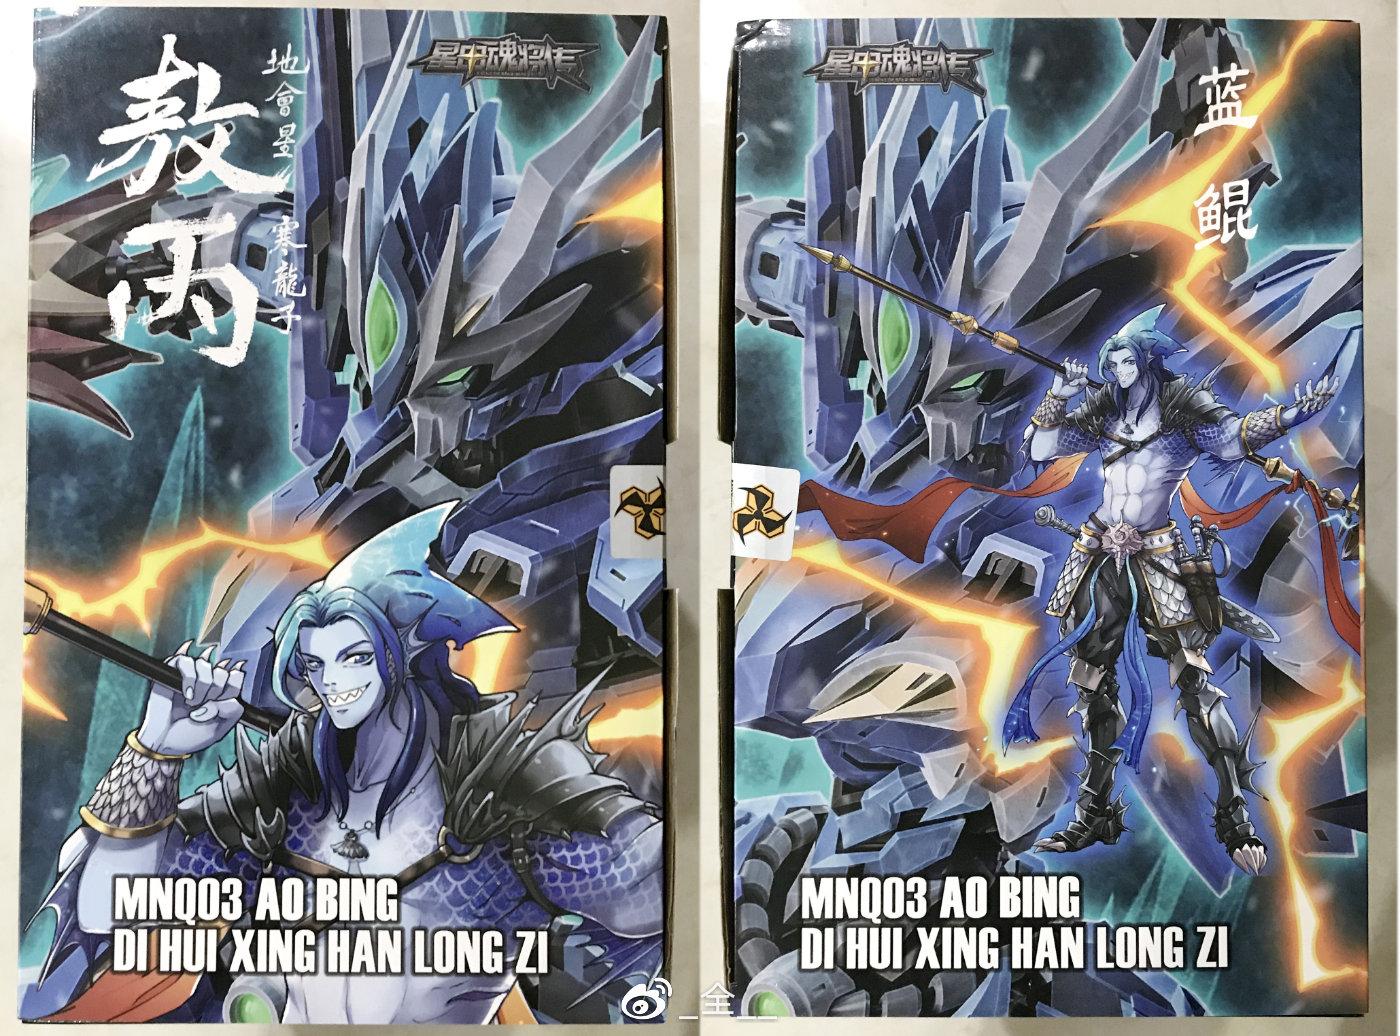 S470_MOTOR_NUCLEAR_MN_Q03_blue_gragon_ao_bing_di_hui_xing_han_long_zi_007.jpg